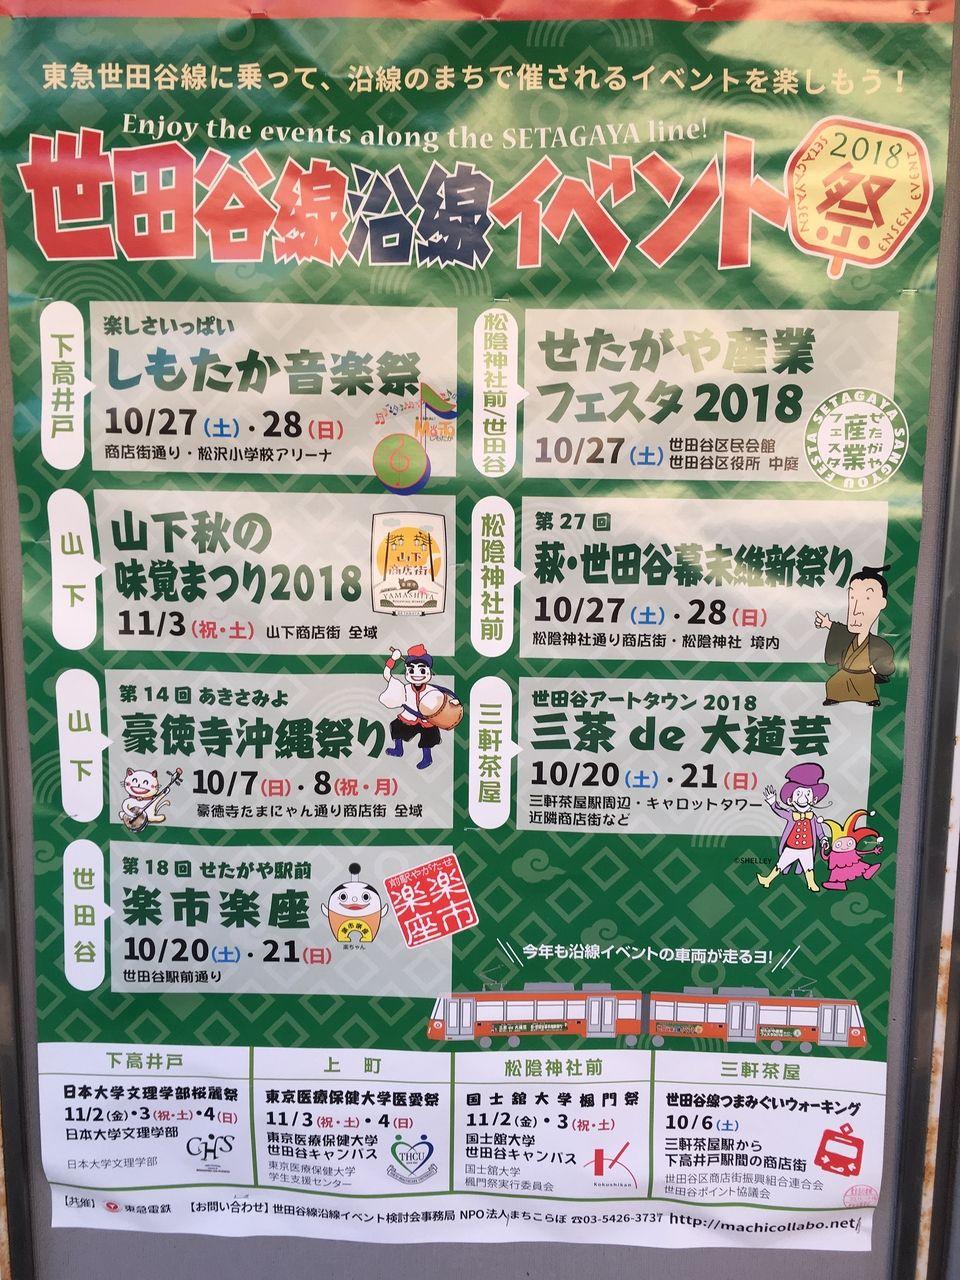 10月は世田谷線沿線にお祭りが盛りだくさん!それぞれご紹介します!